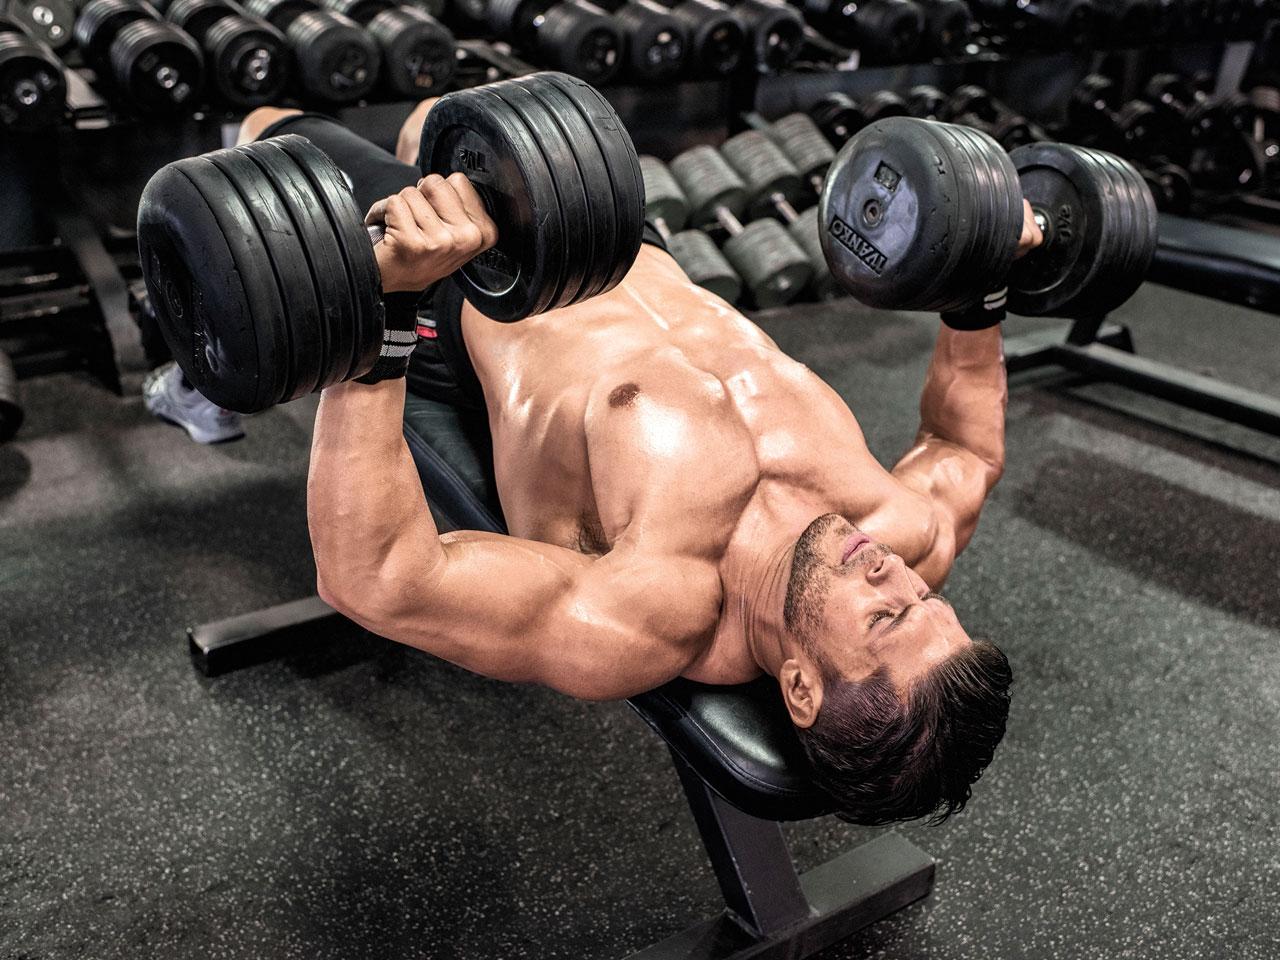 Drop set và cách tăng cơ hiệu quả, rút ngắn thời gian tập luyện